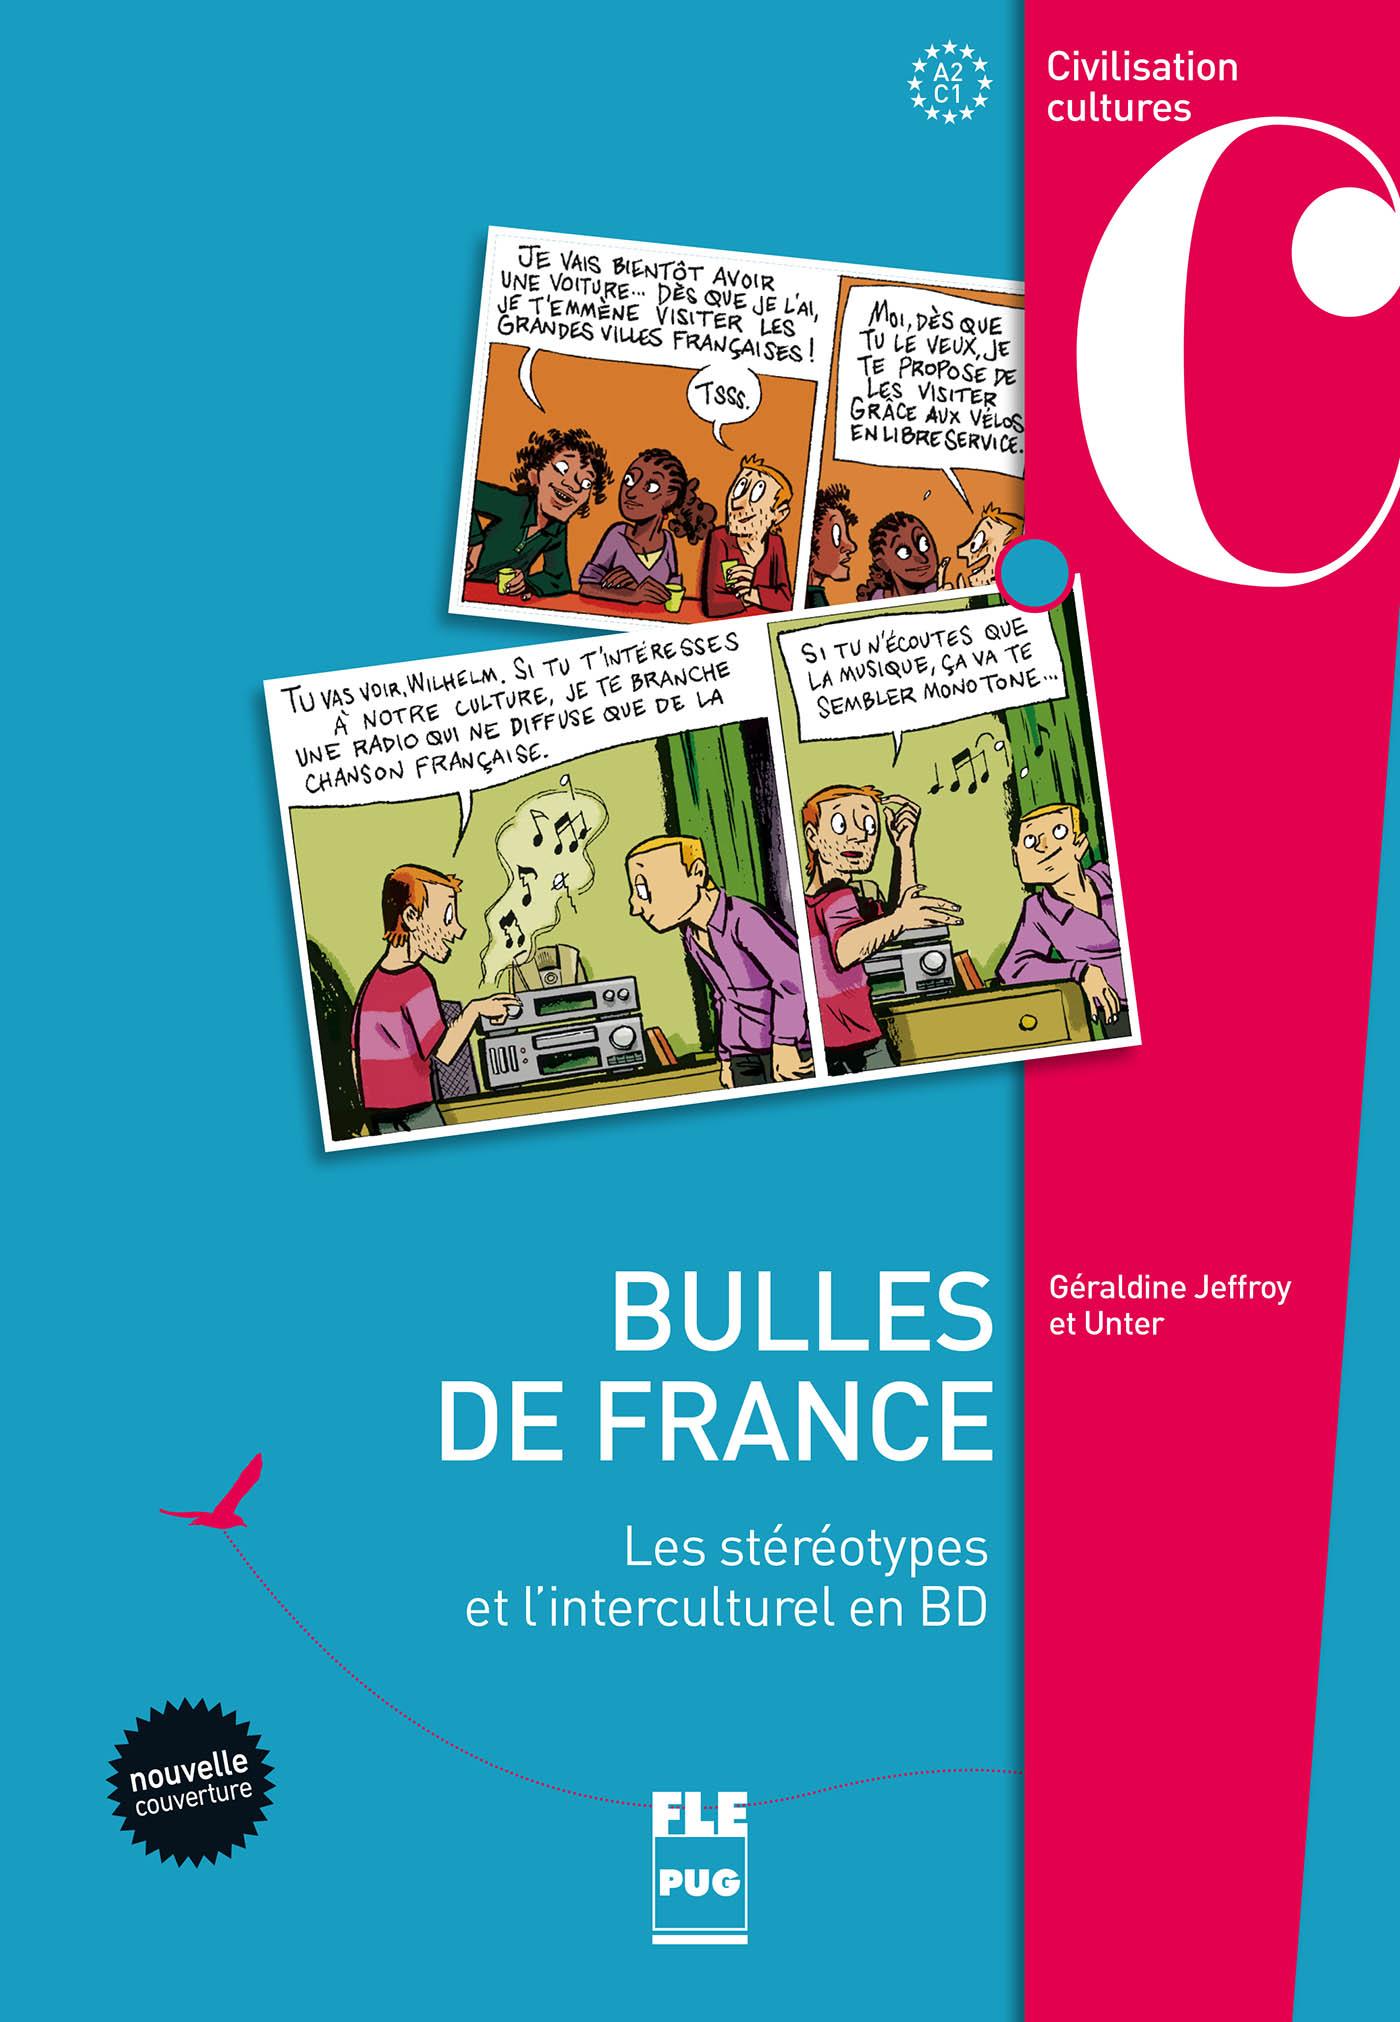 bulles de france - a2-c1 - les st u00e9r u00e9otypes et l u0026 39 interculturel en bd